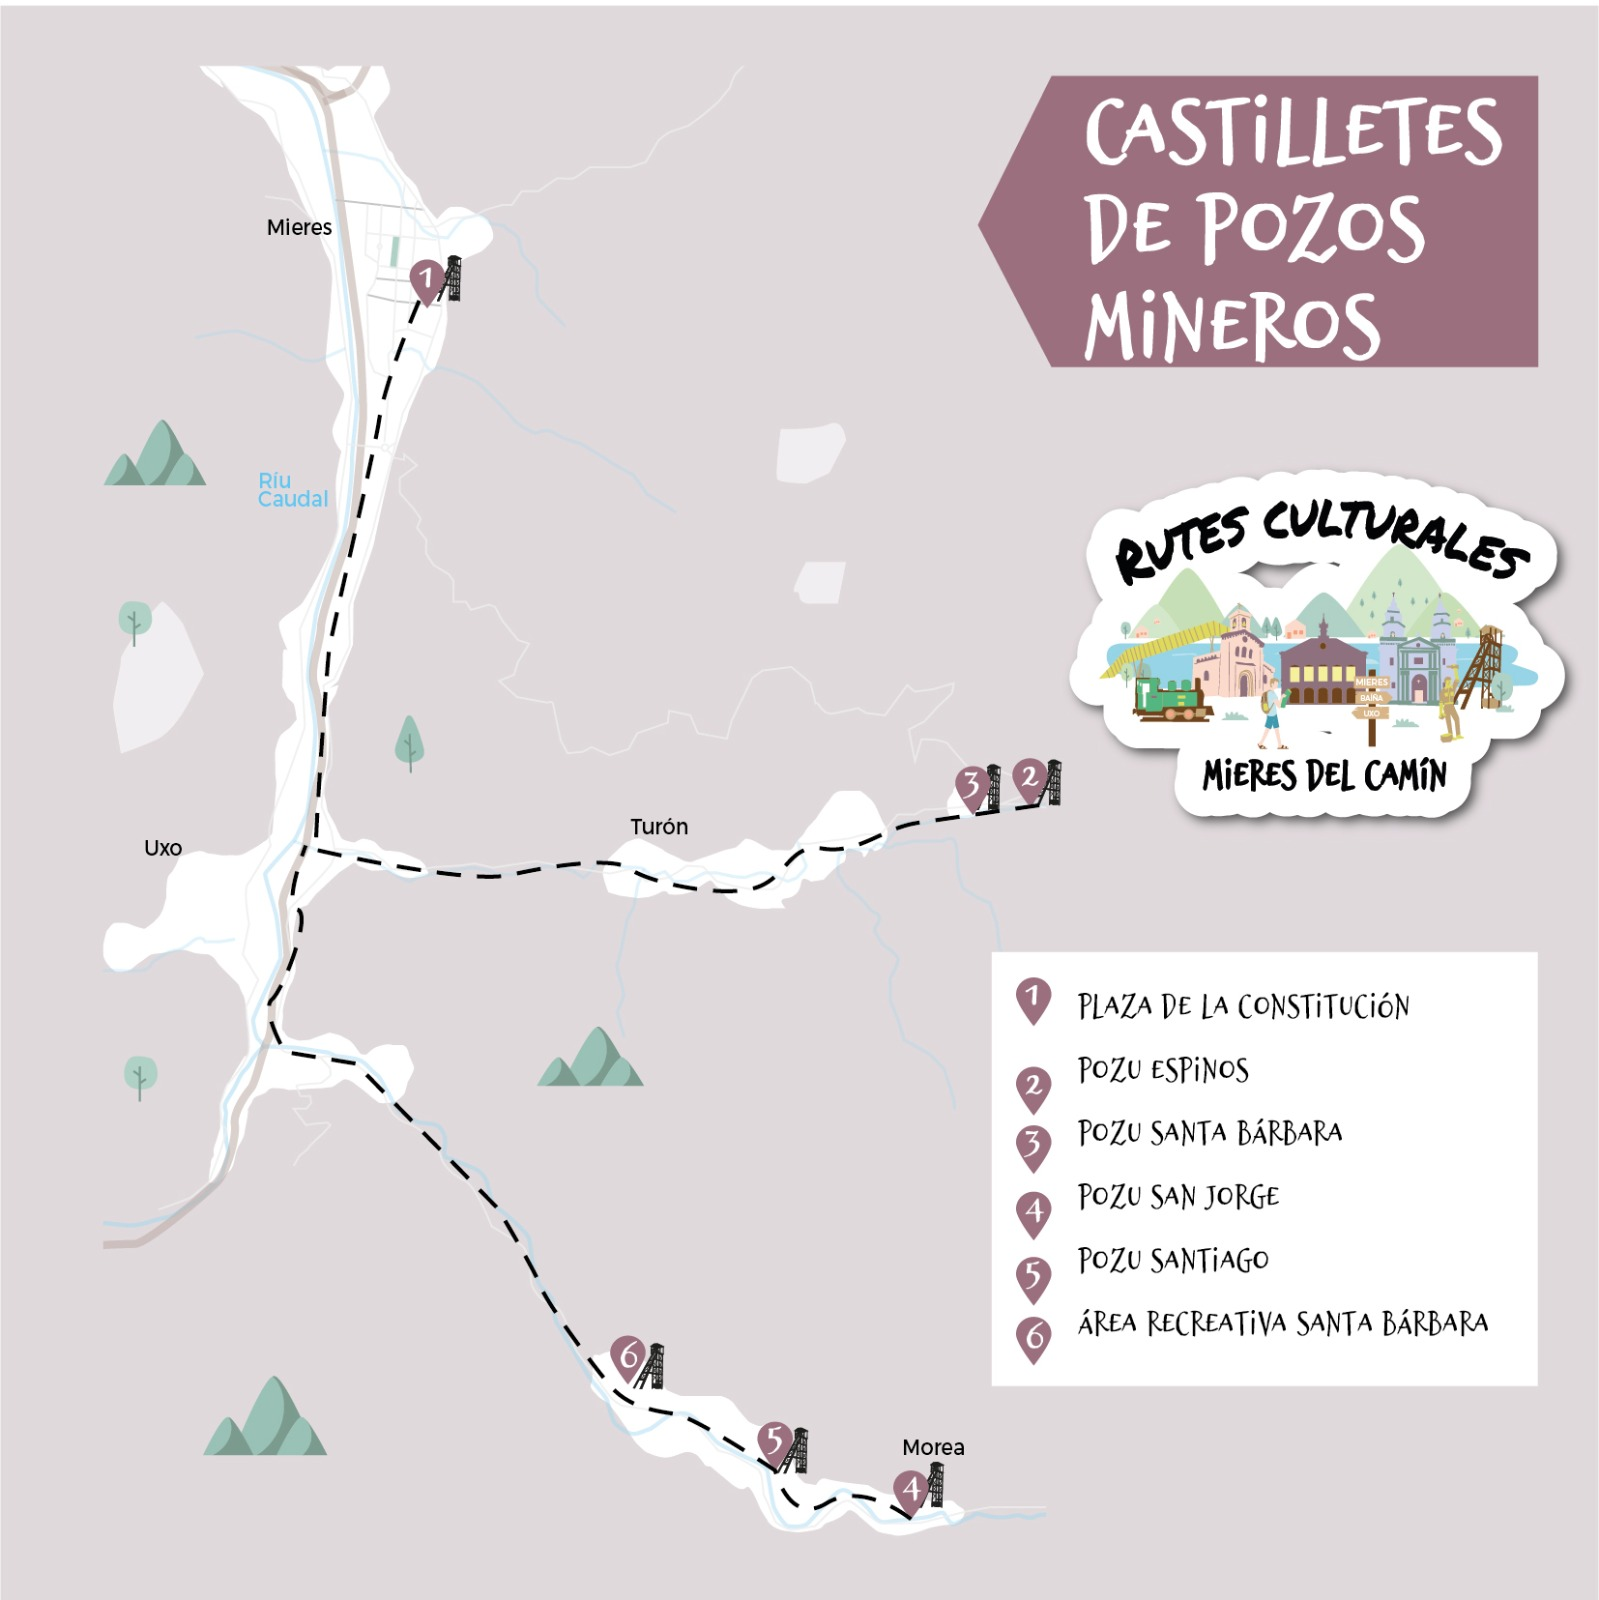 Ruta Castilletes Pozos Mineros